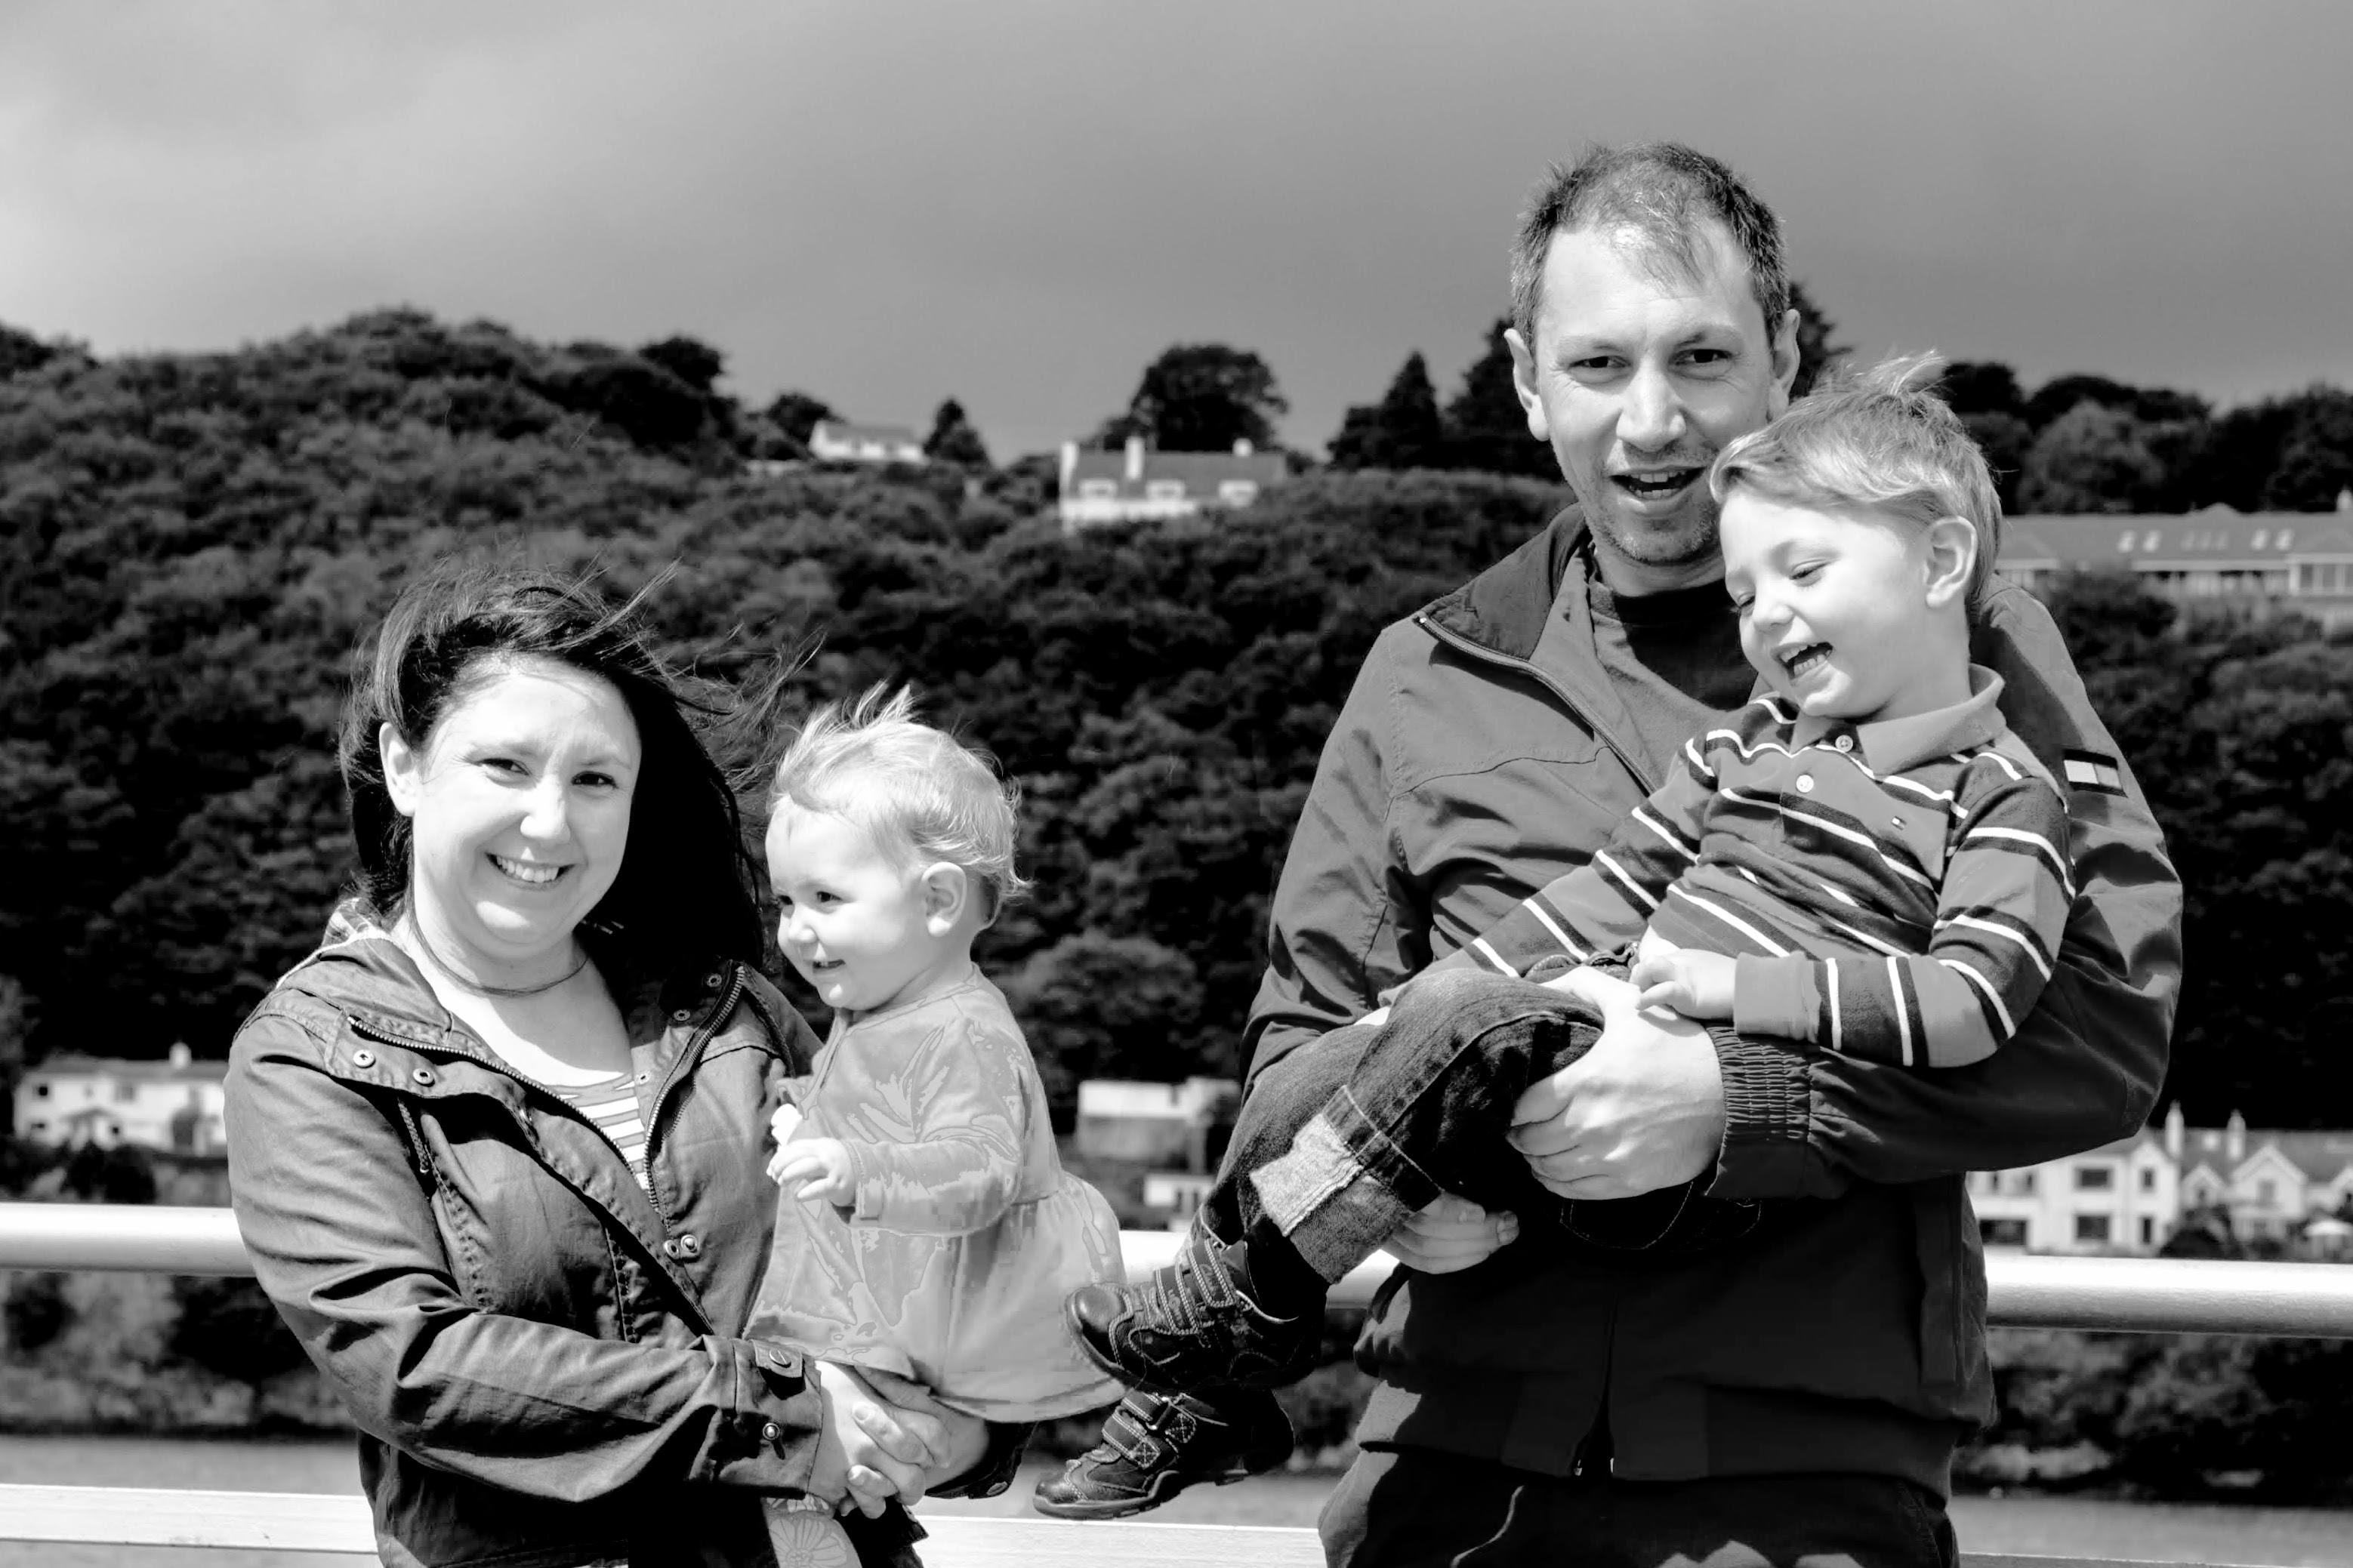 Bryan Sharp's family